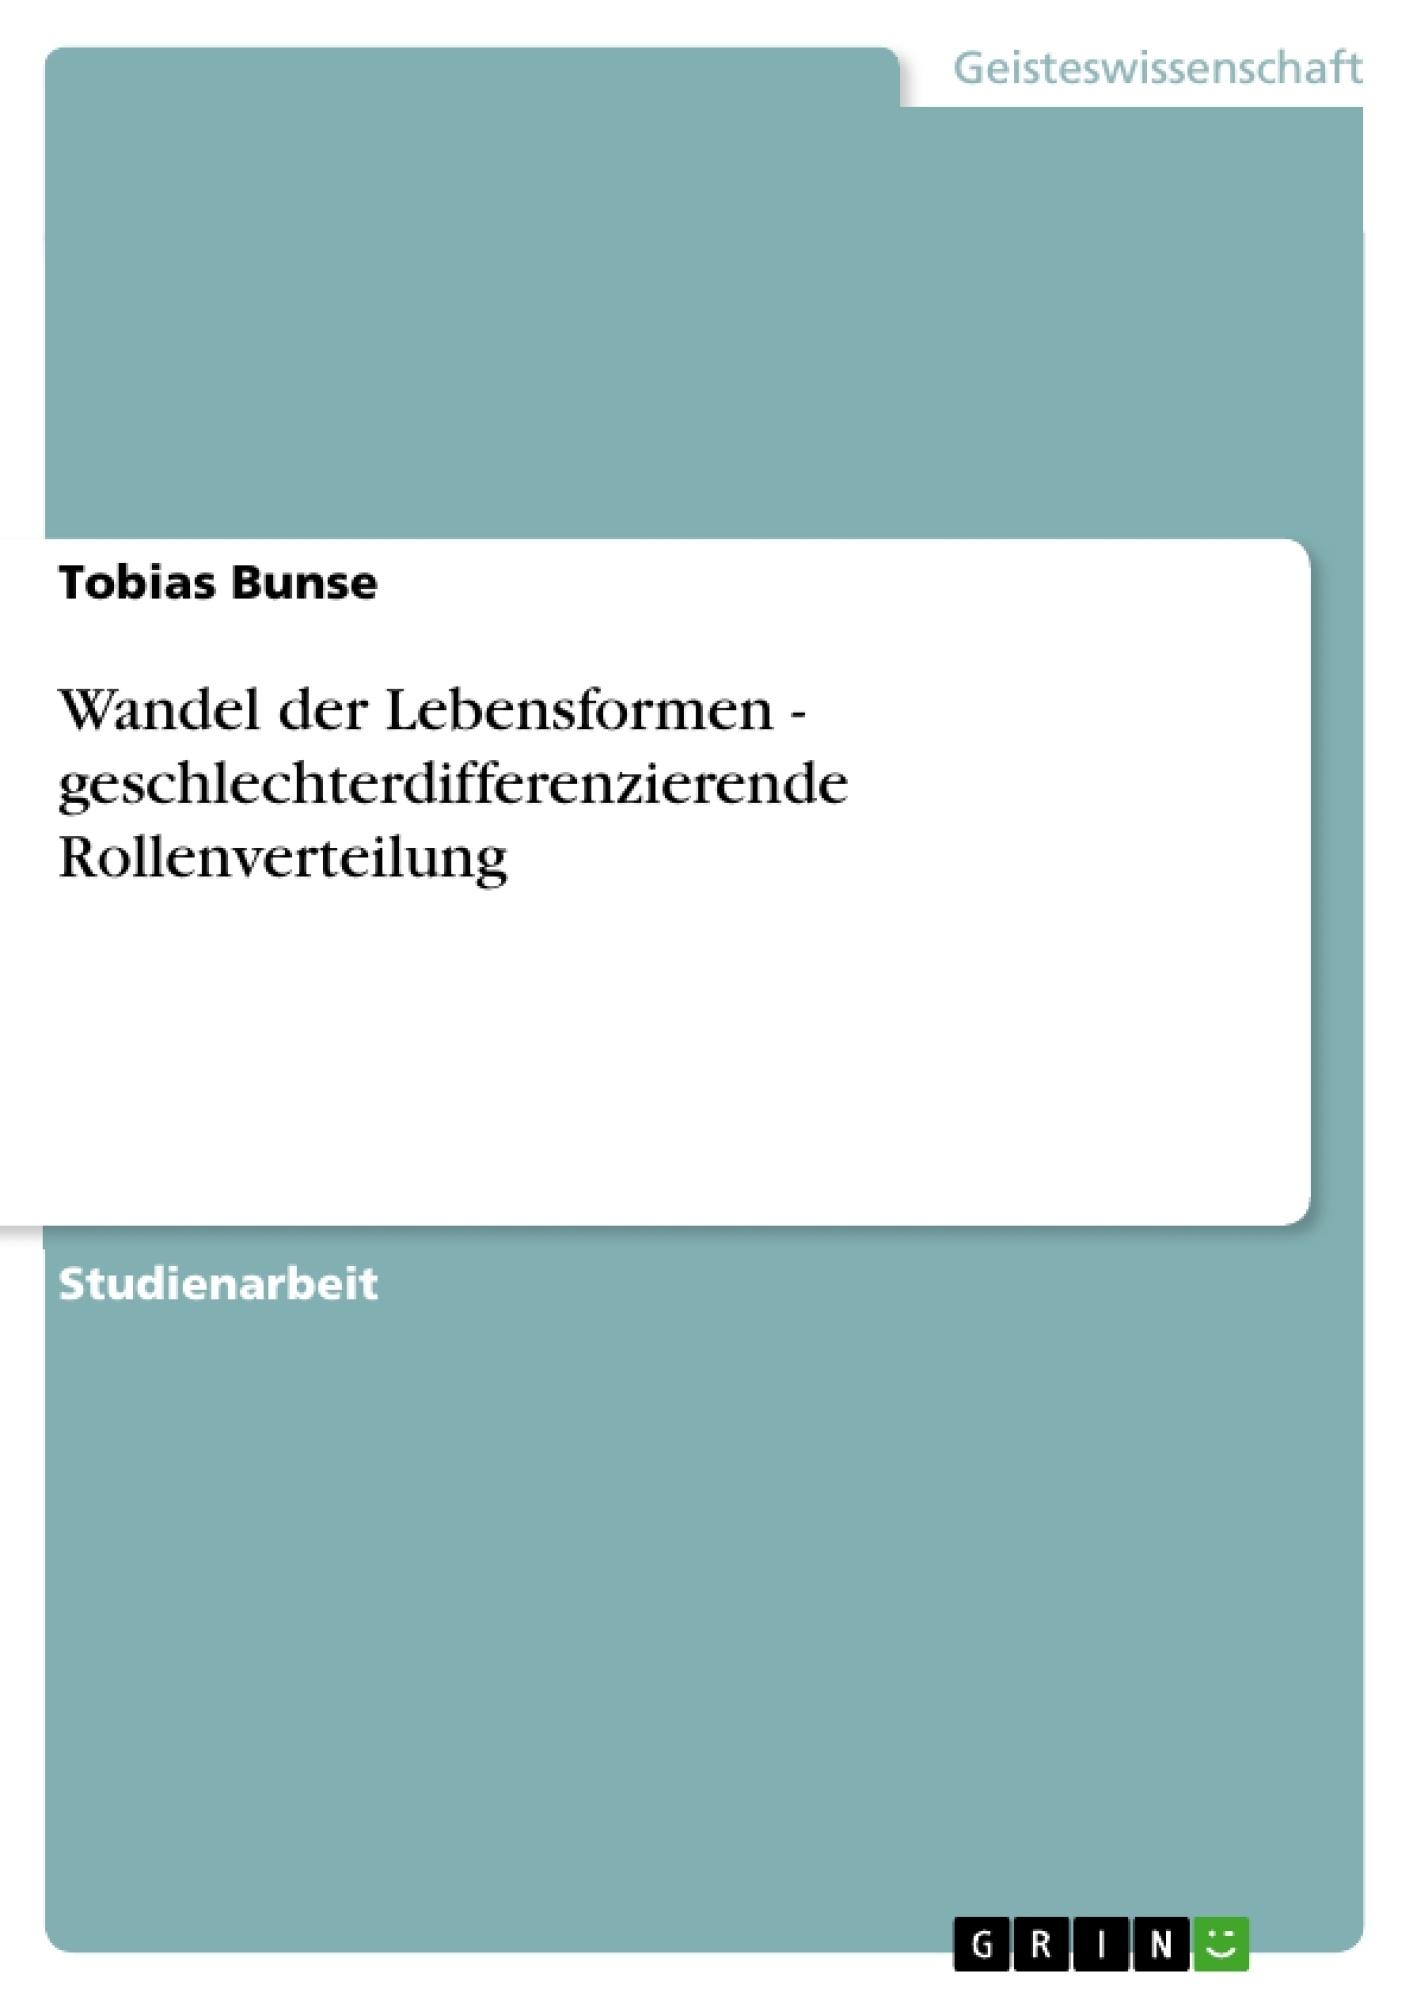 Titel: Wandel der Lebensformen  -  geschlechterdifferenzierende Rollenverteilung